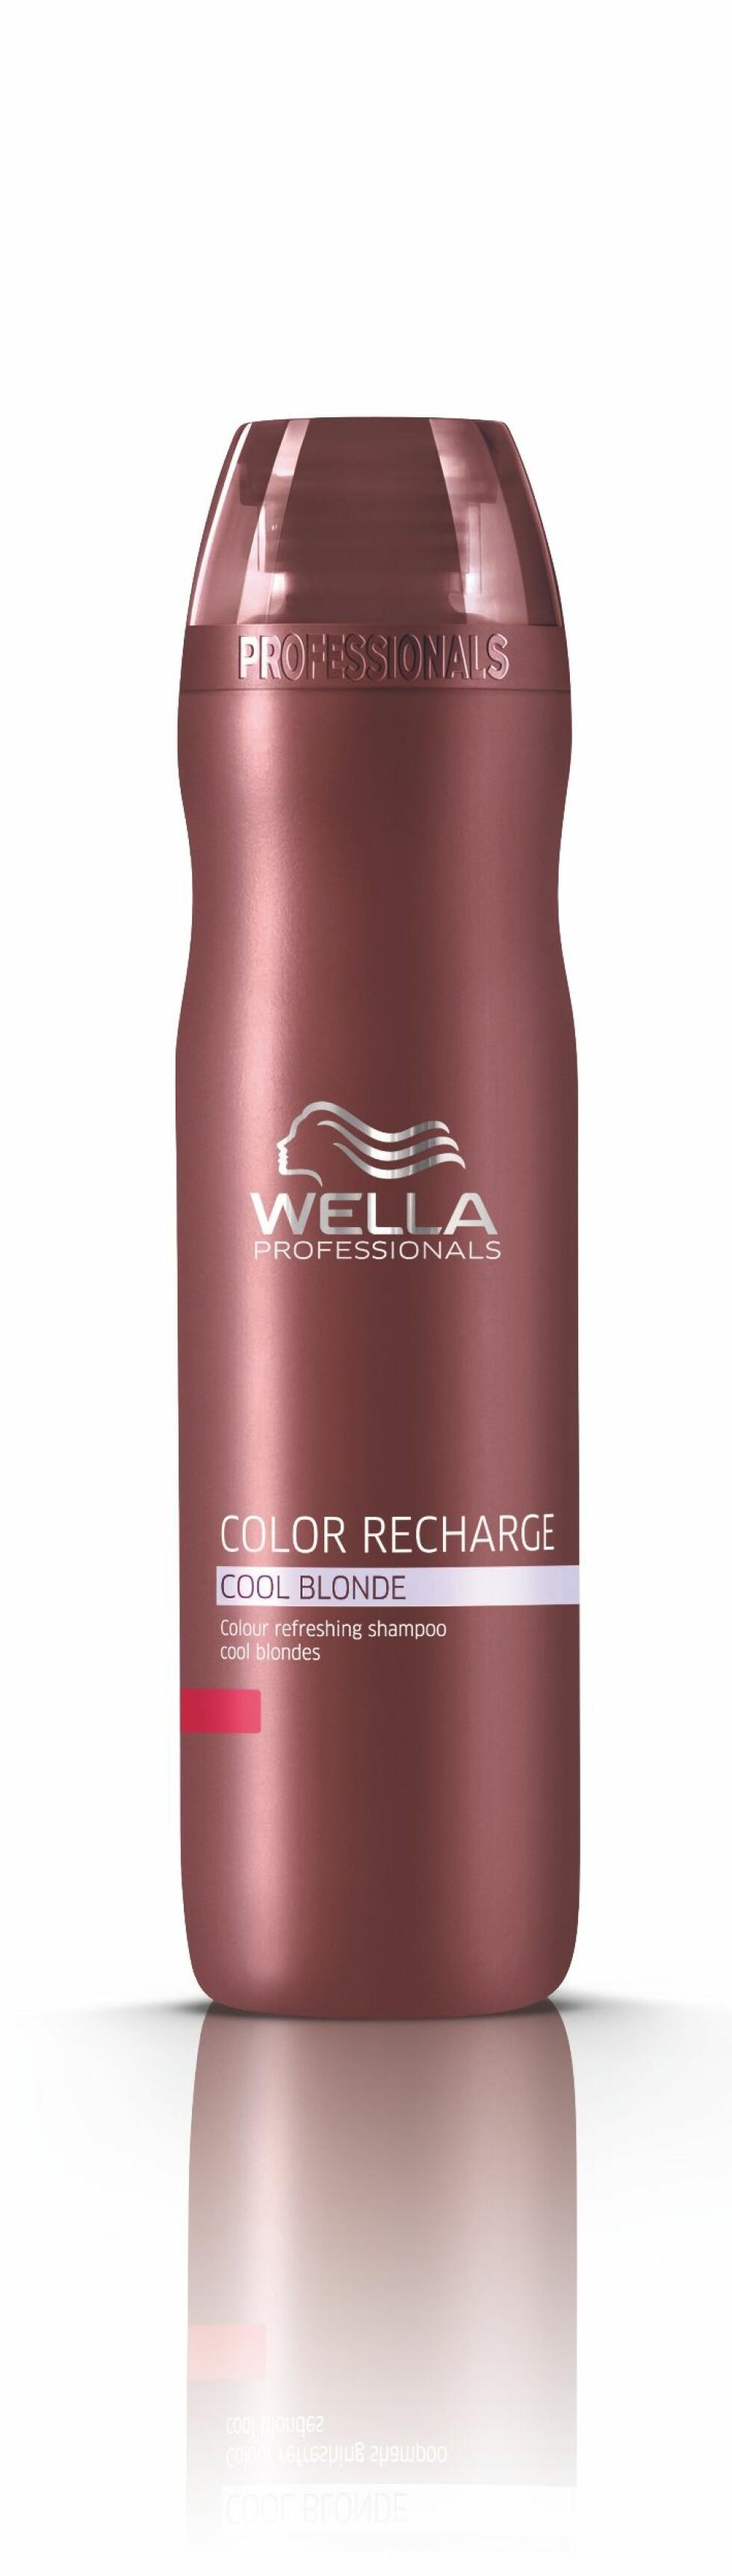 Color Recharge Cool Blonde Shampoo fra Wella, kr 239.  Foto: Produsenten